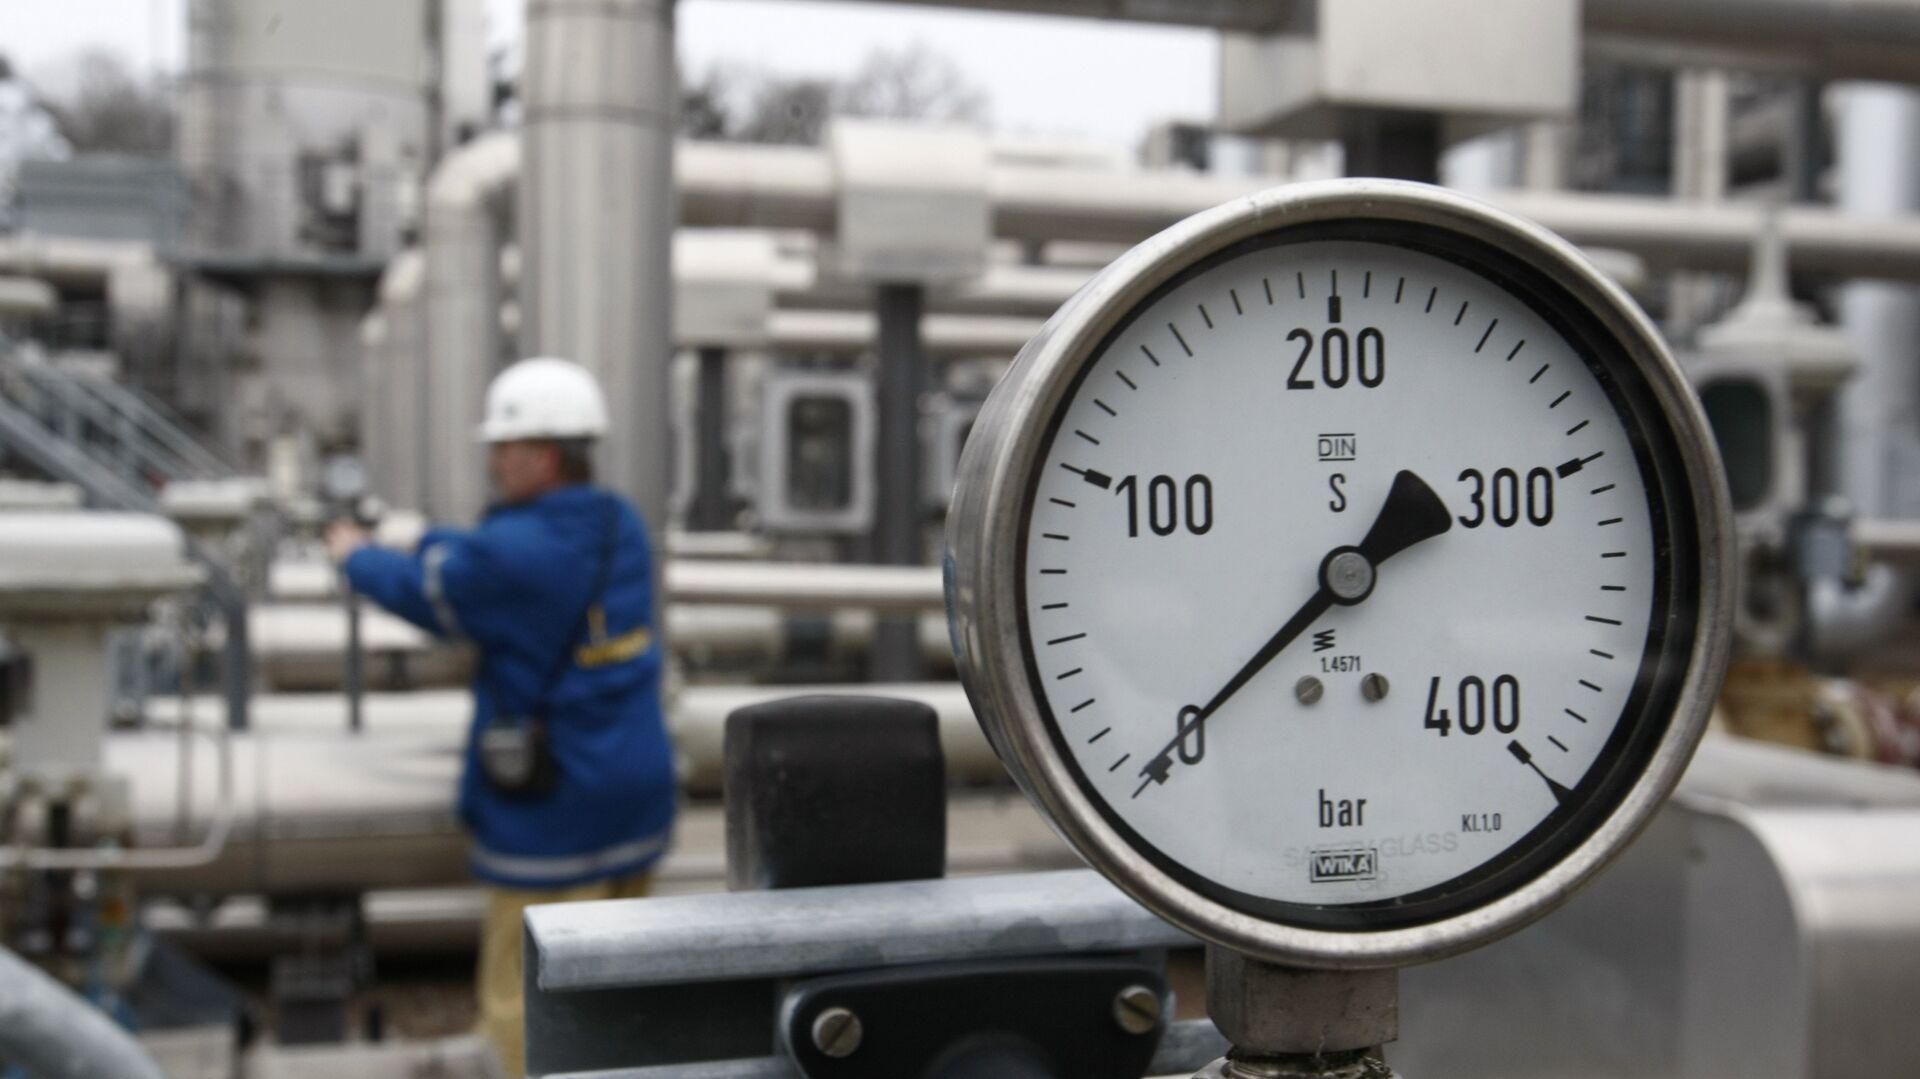 Газовое хранилище в Редене, Германия - РИА Новости, 1920, 05.10.2021